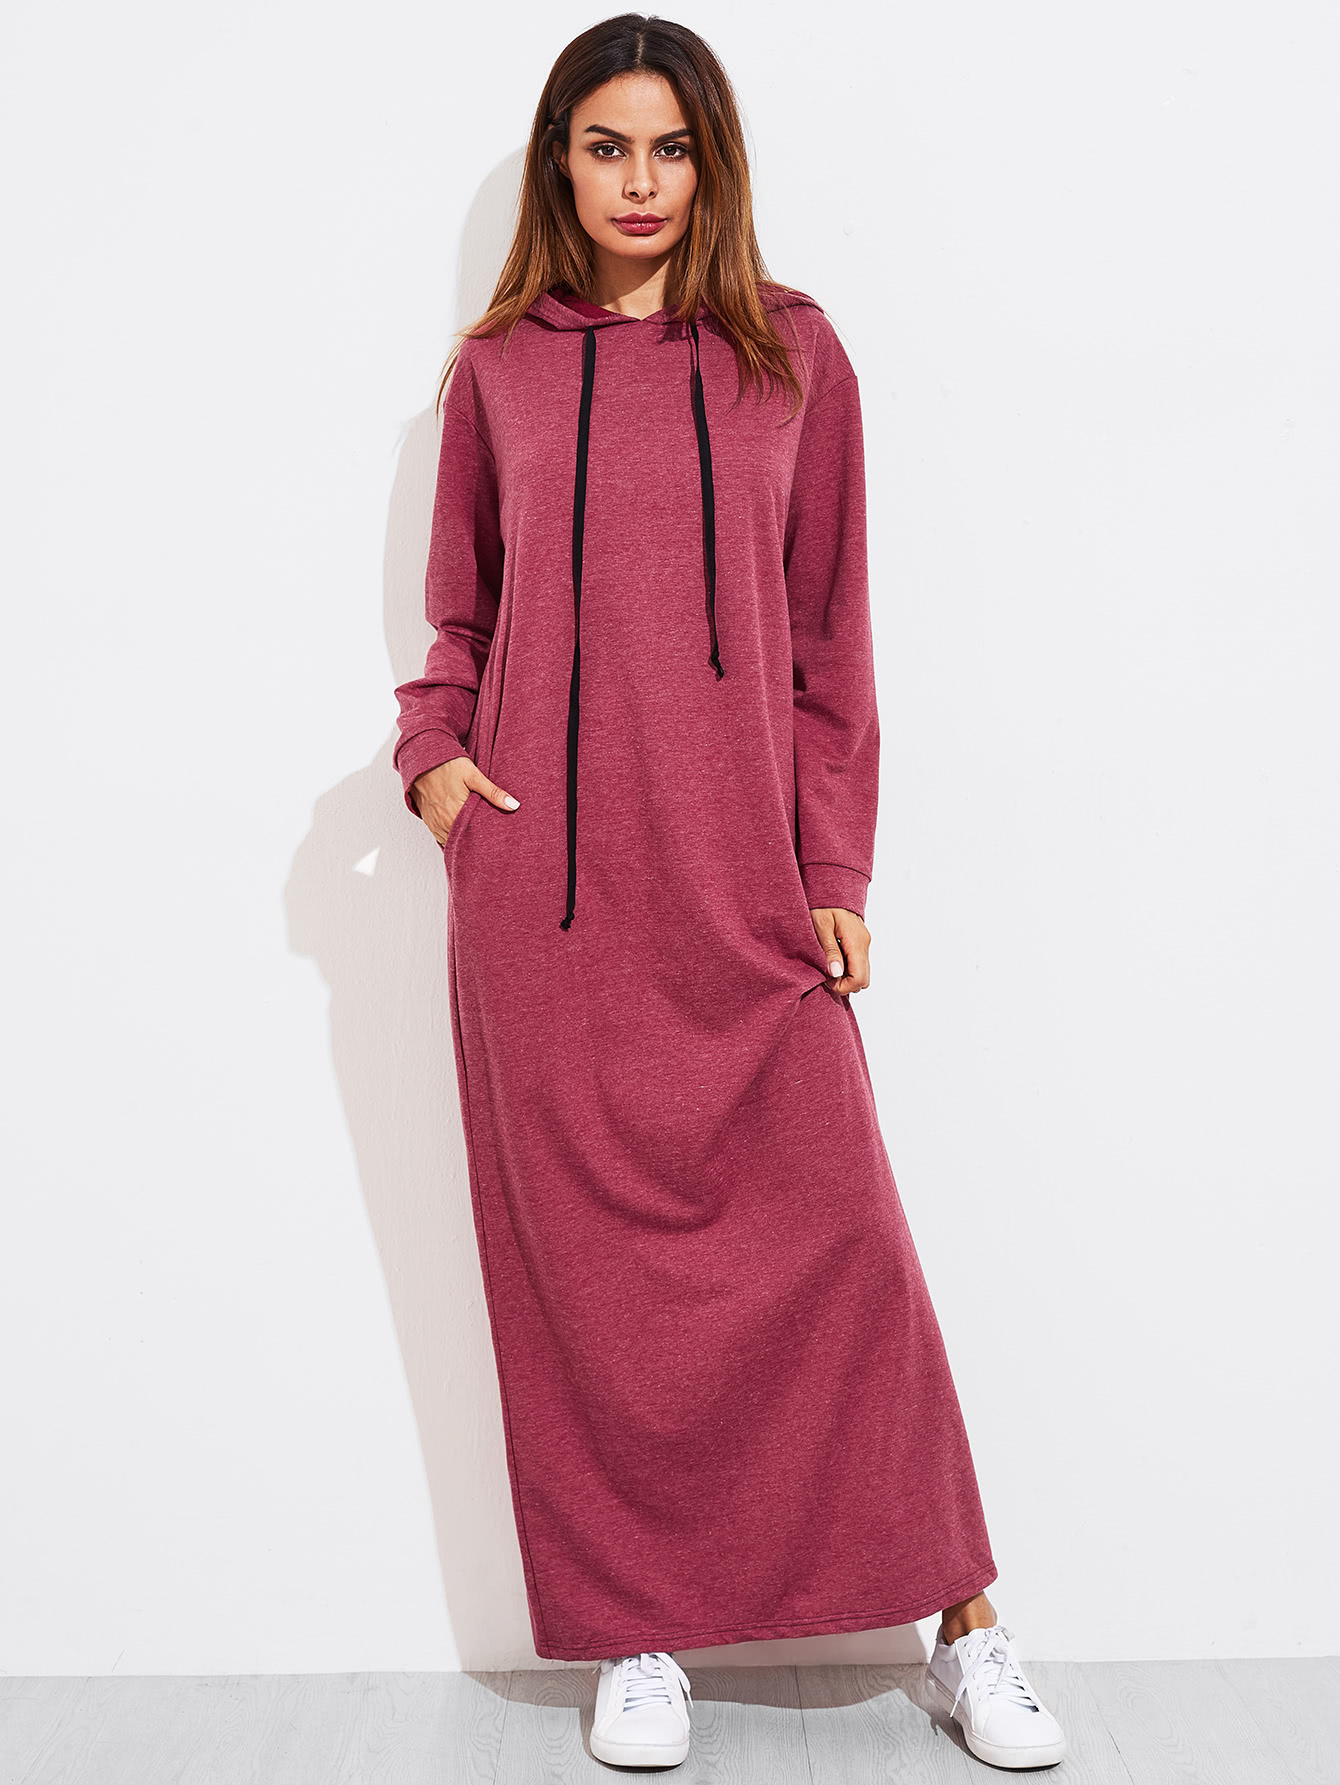 Heather Knit Hidden Pocket Side Hoodie Dress все цены